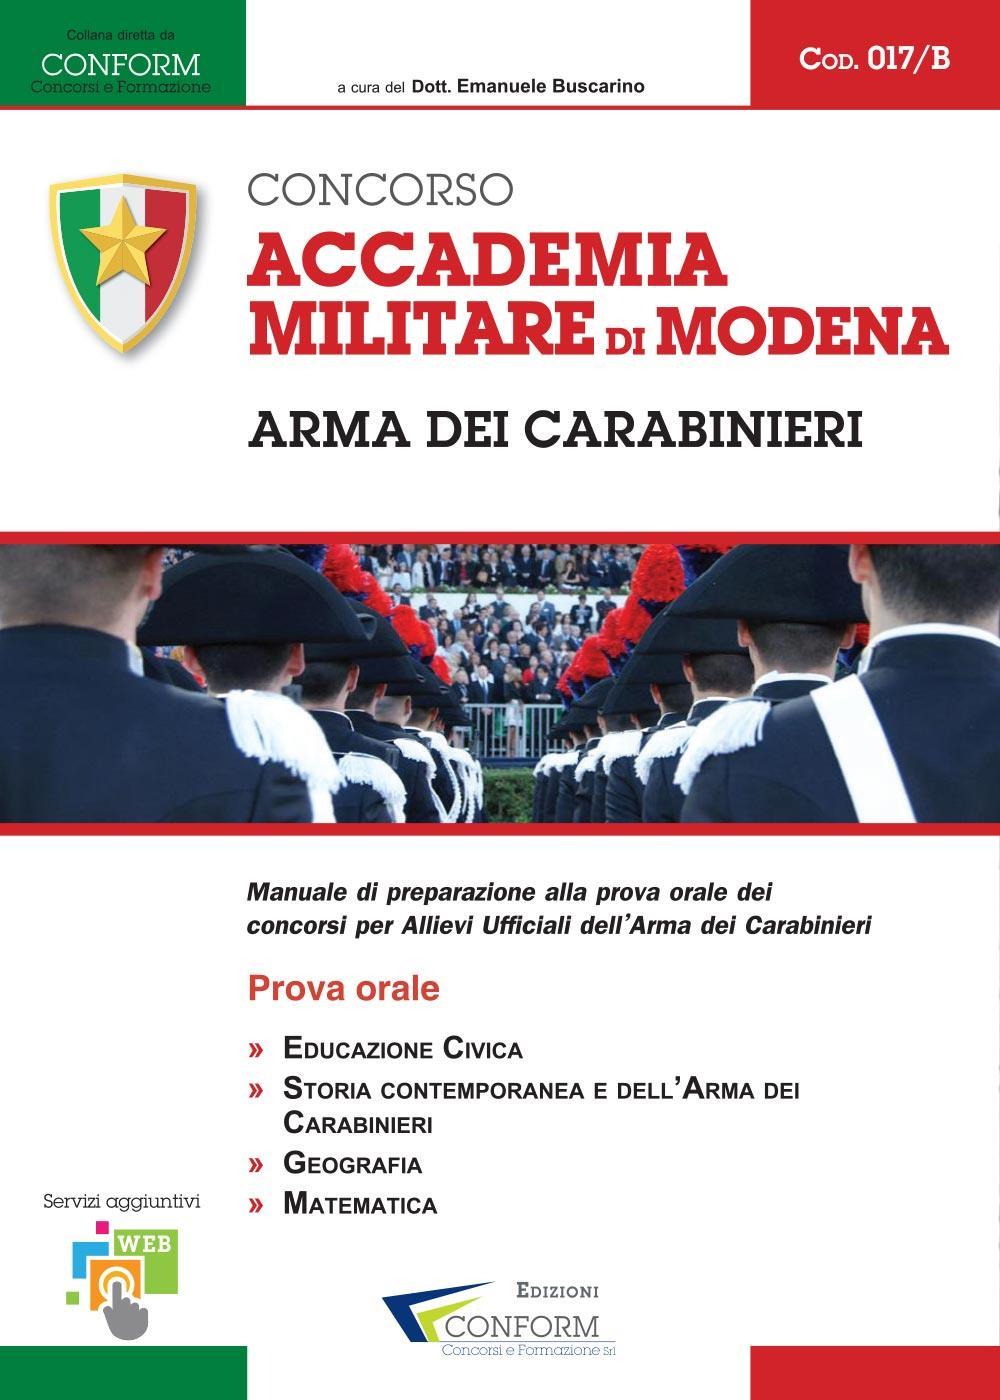 017B   Concorso Accademia Militare di Modena Arma dei Carabinieri (Prova Orale)